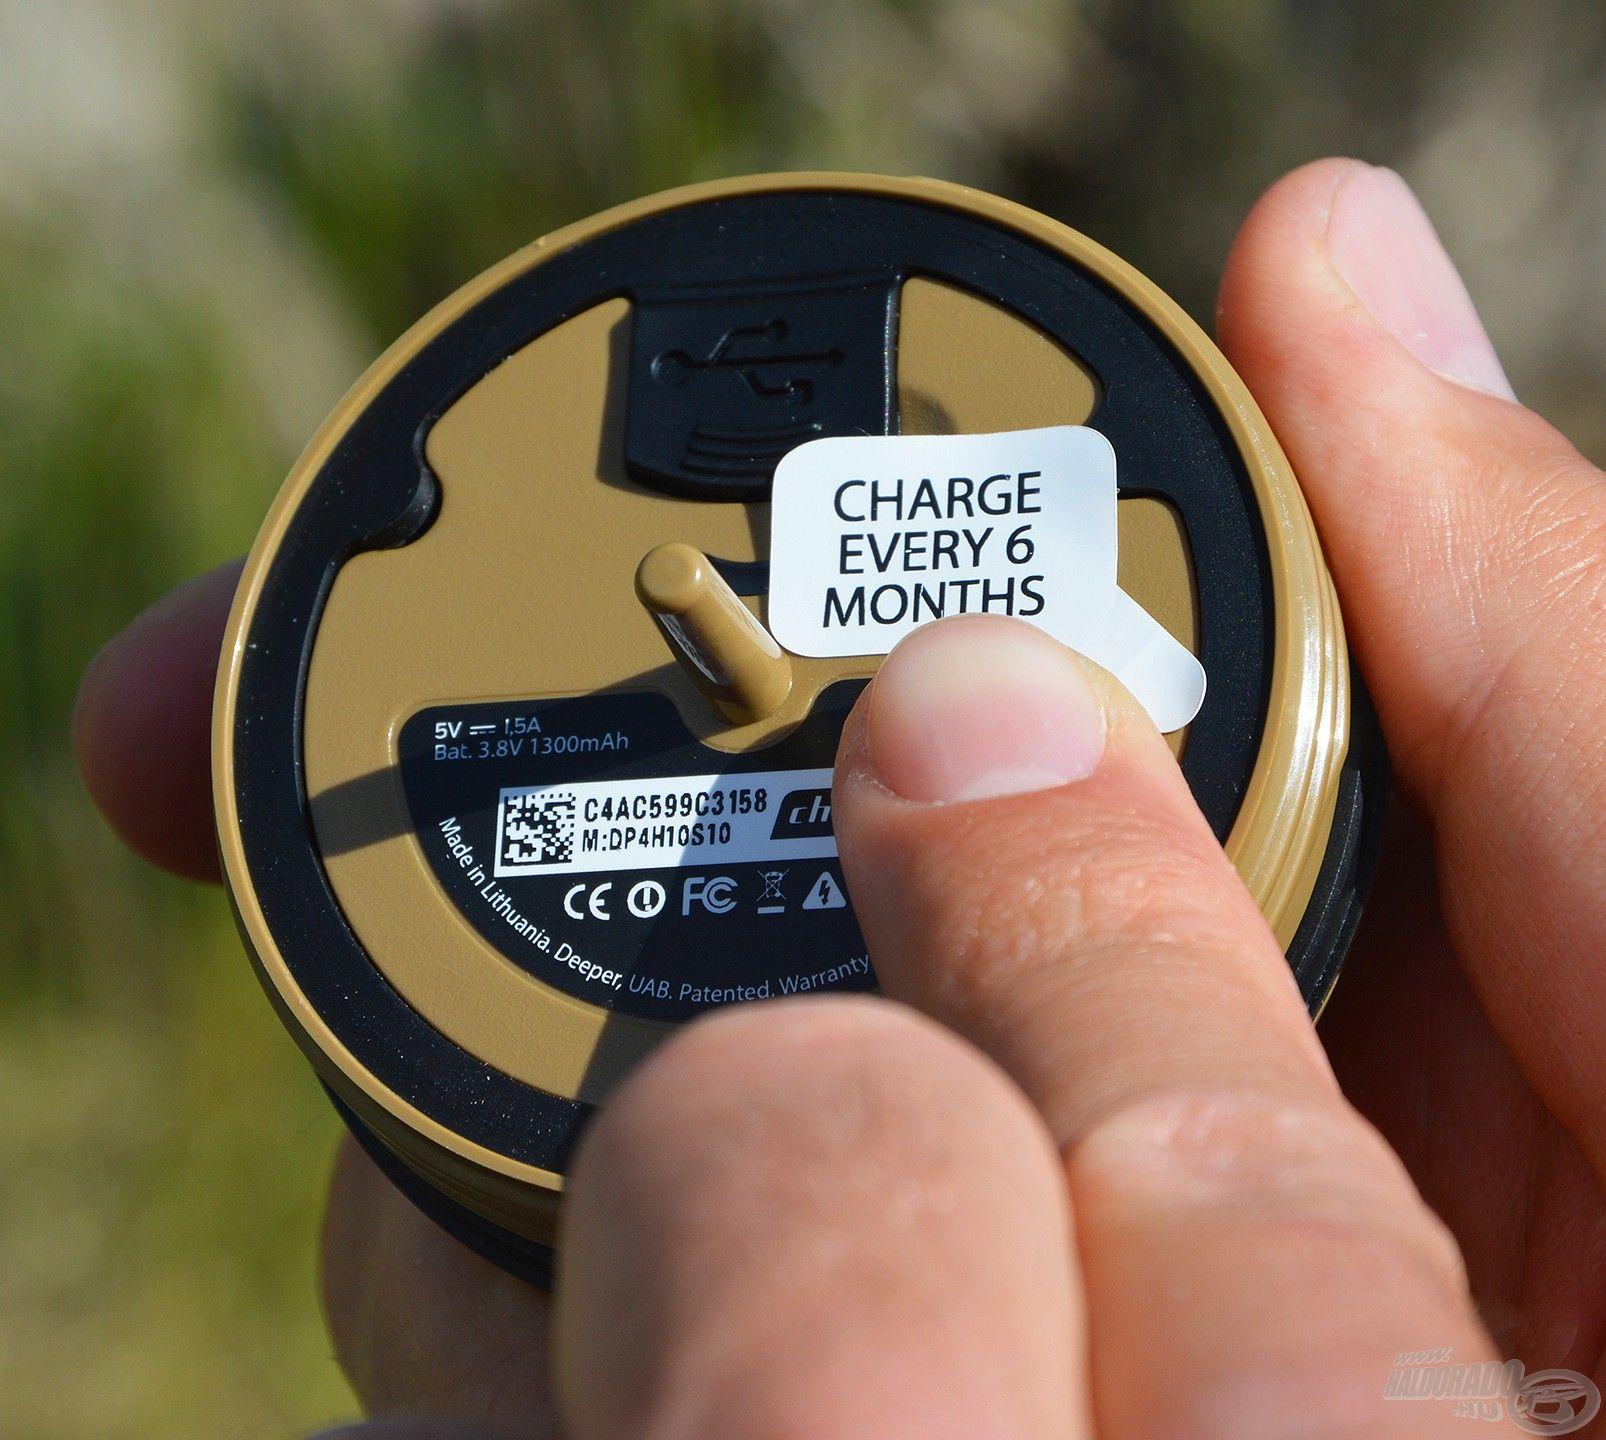 A belső résznél egy matrica fontos üzenetet közöl: 6 havonta mindenképpen tölteni kell a készüléket!